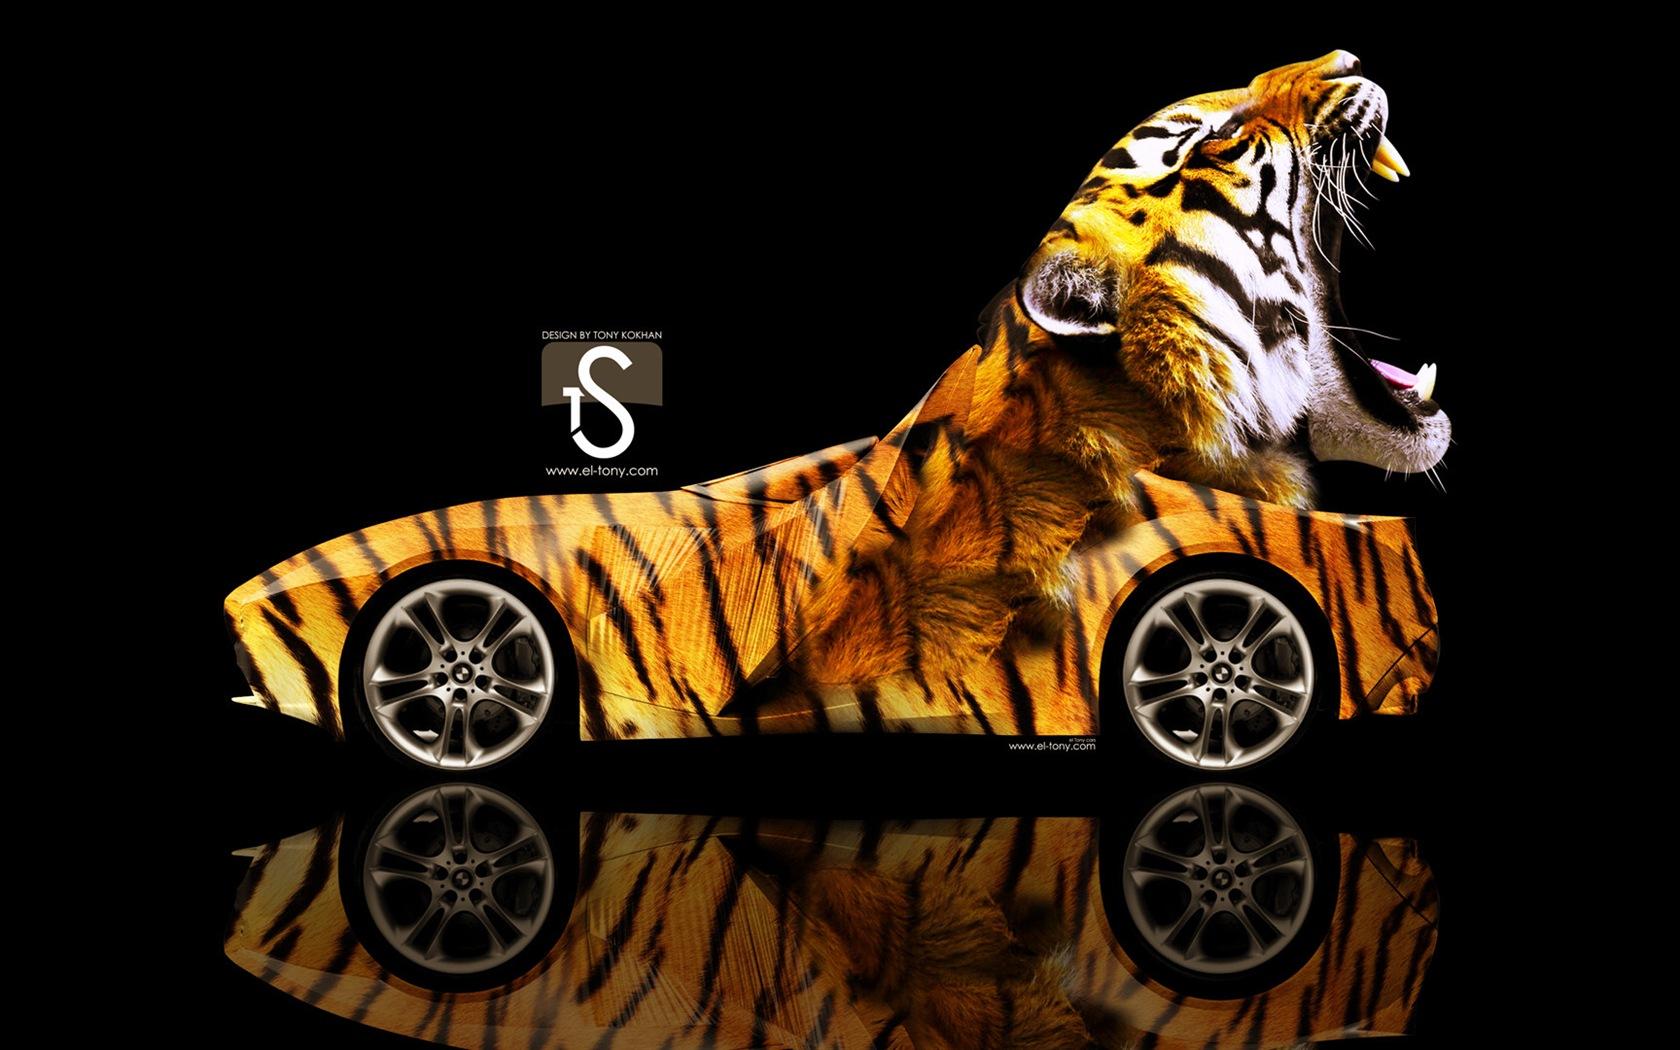 梦幻创意汽车设计壁纸,动物汽车20 - 1680x1050图片